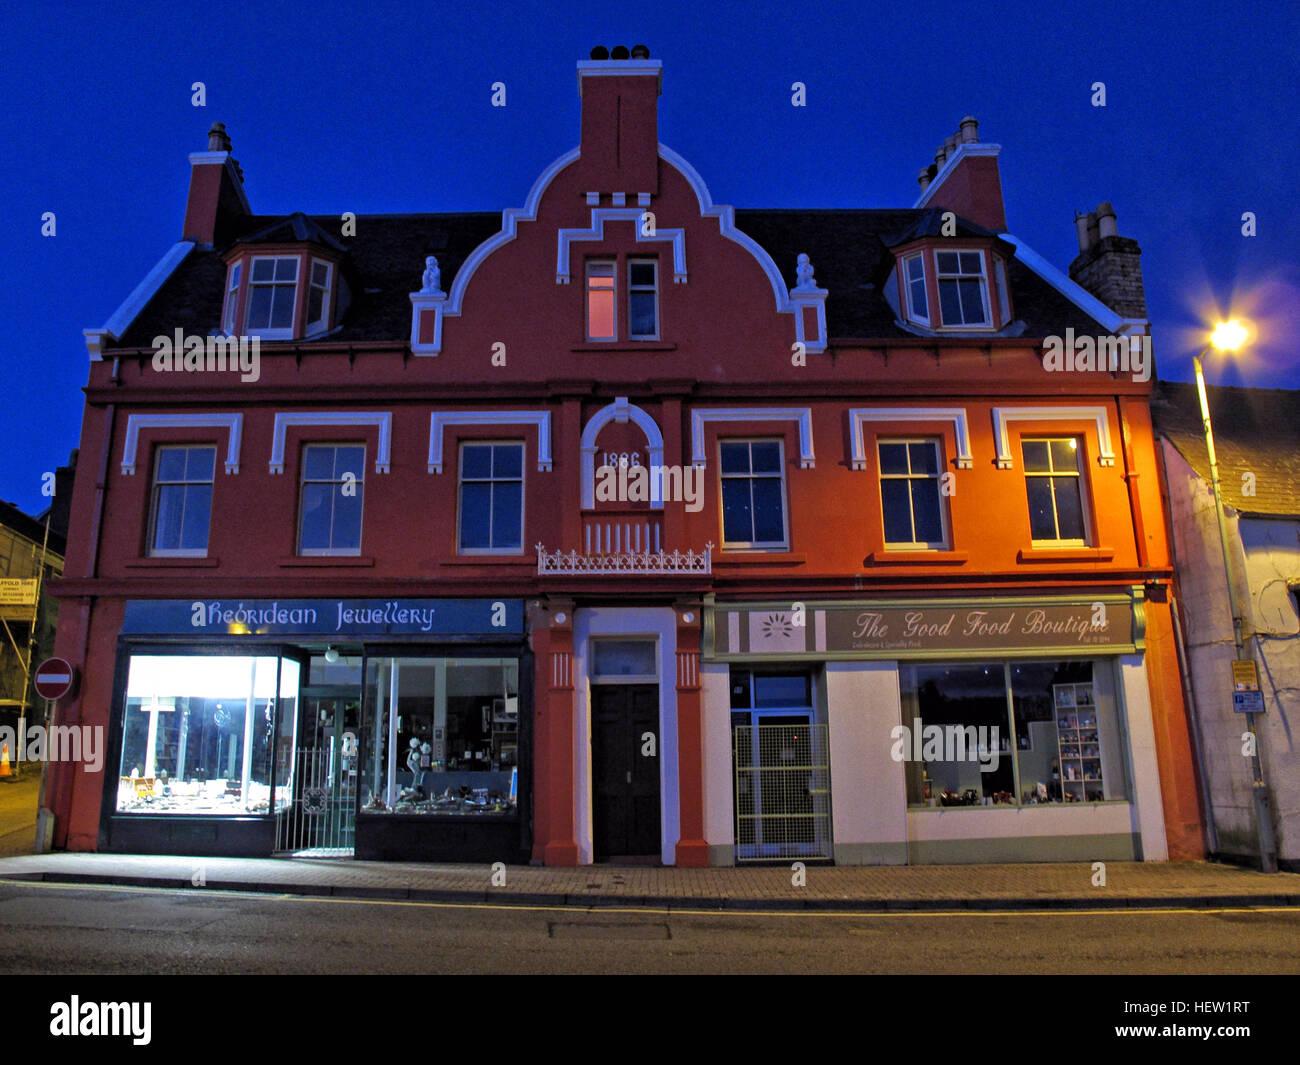 Stornoway Isle Of Lewis,1886 building,Scotland, UK at dusk - Stock Image